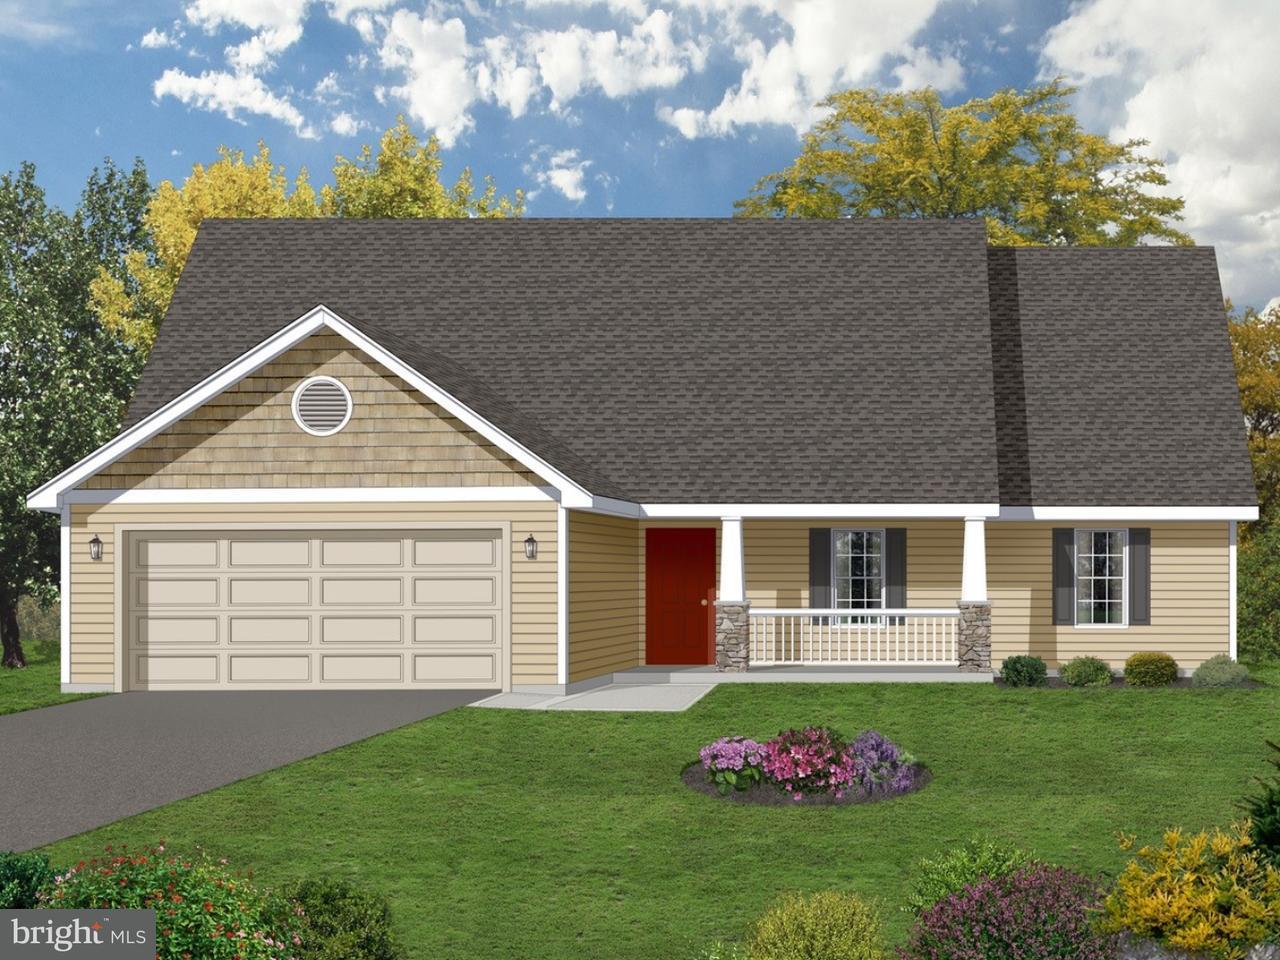 独户住宅 为 销售 在 252 OWL CREEK Road Tamaqua, 宾夕法尼亚州 18252 美国